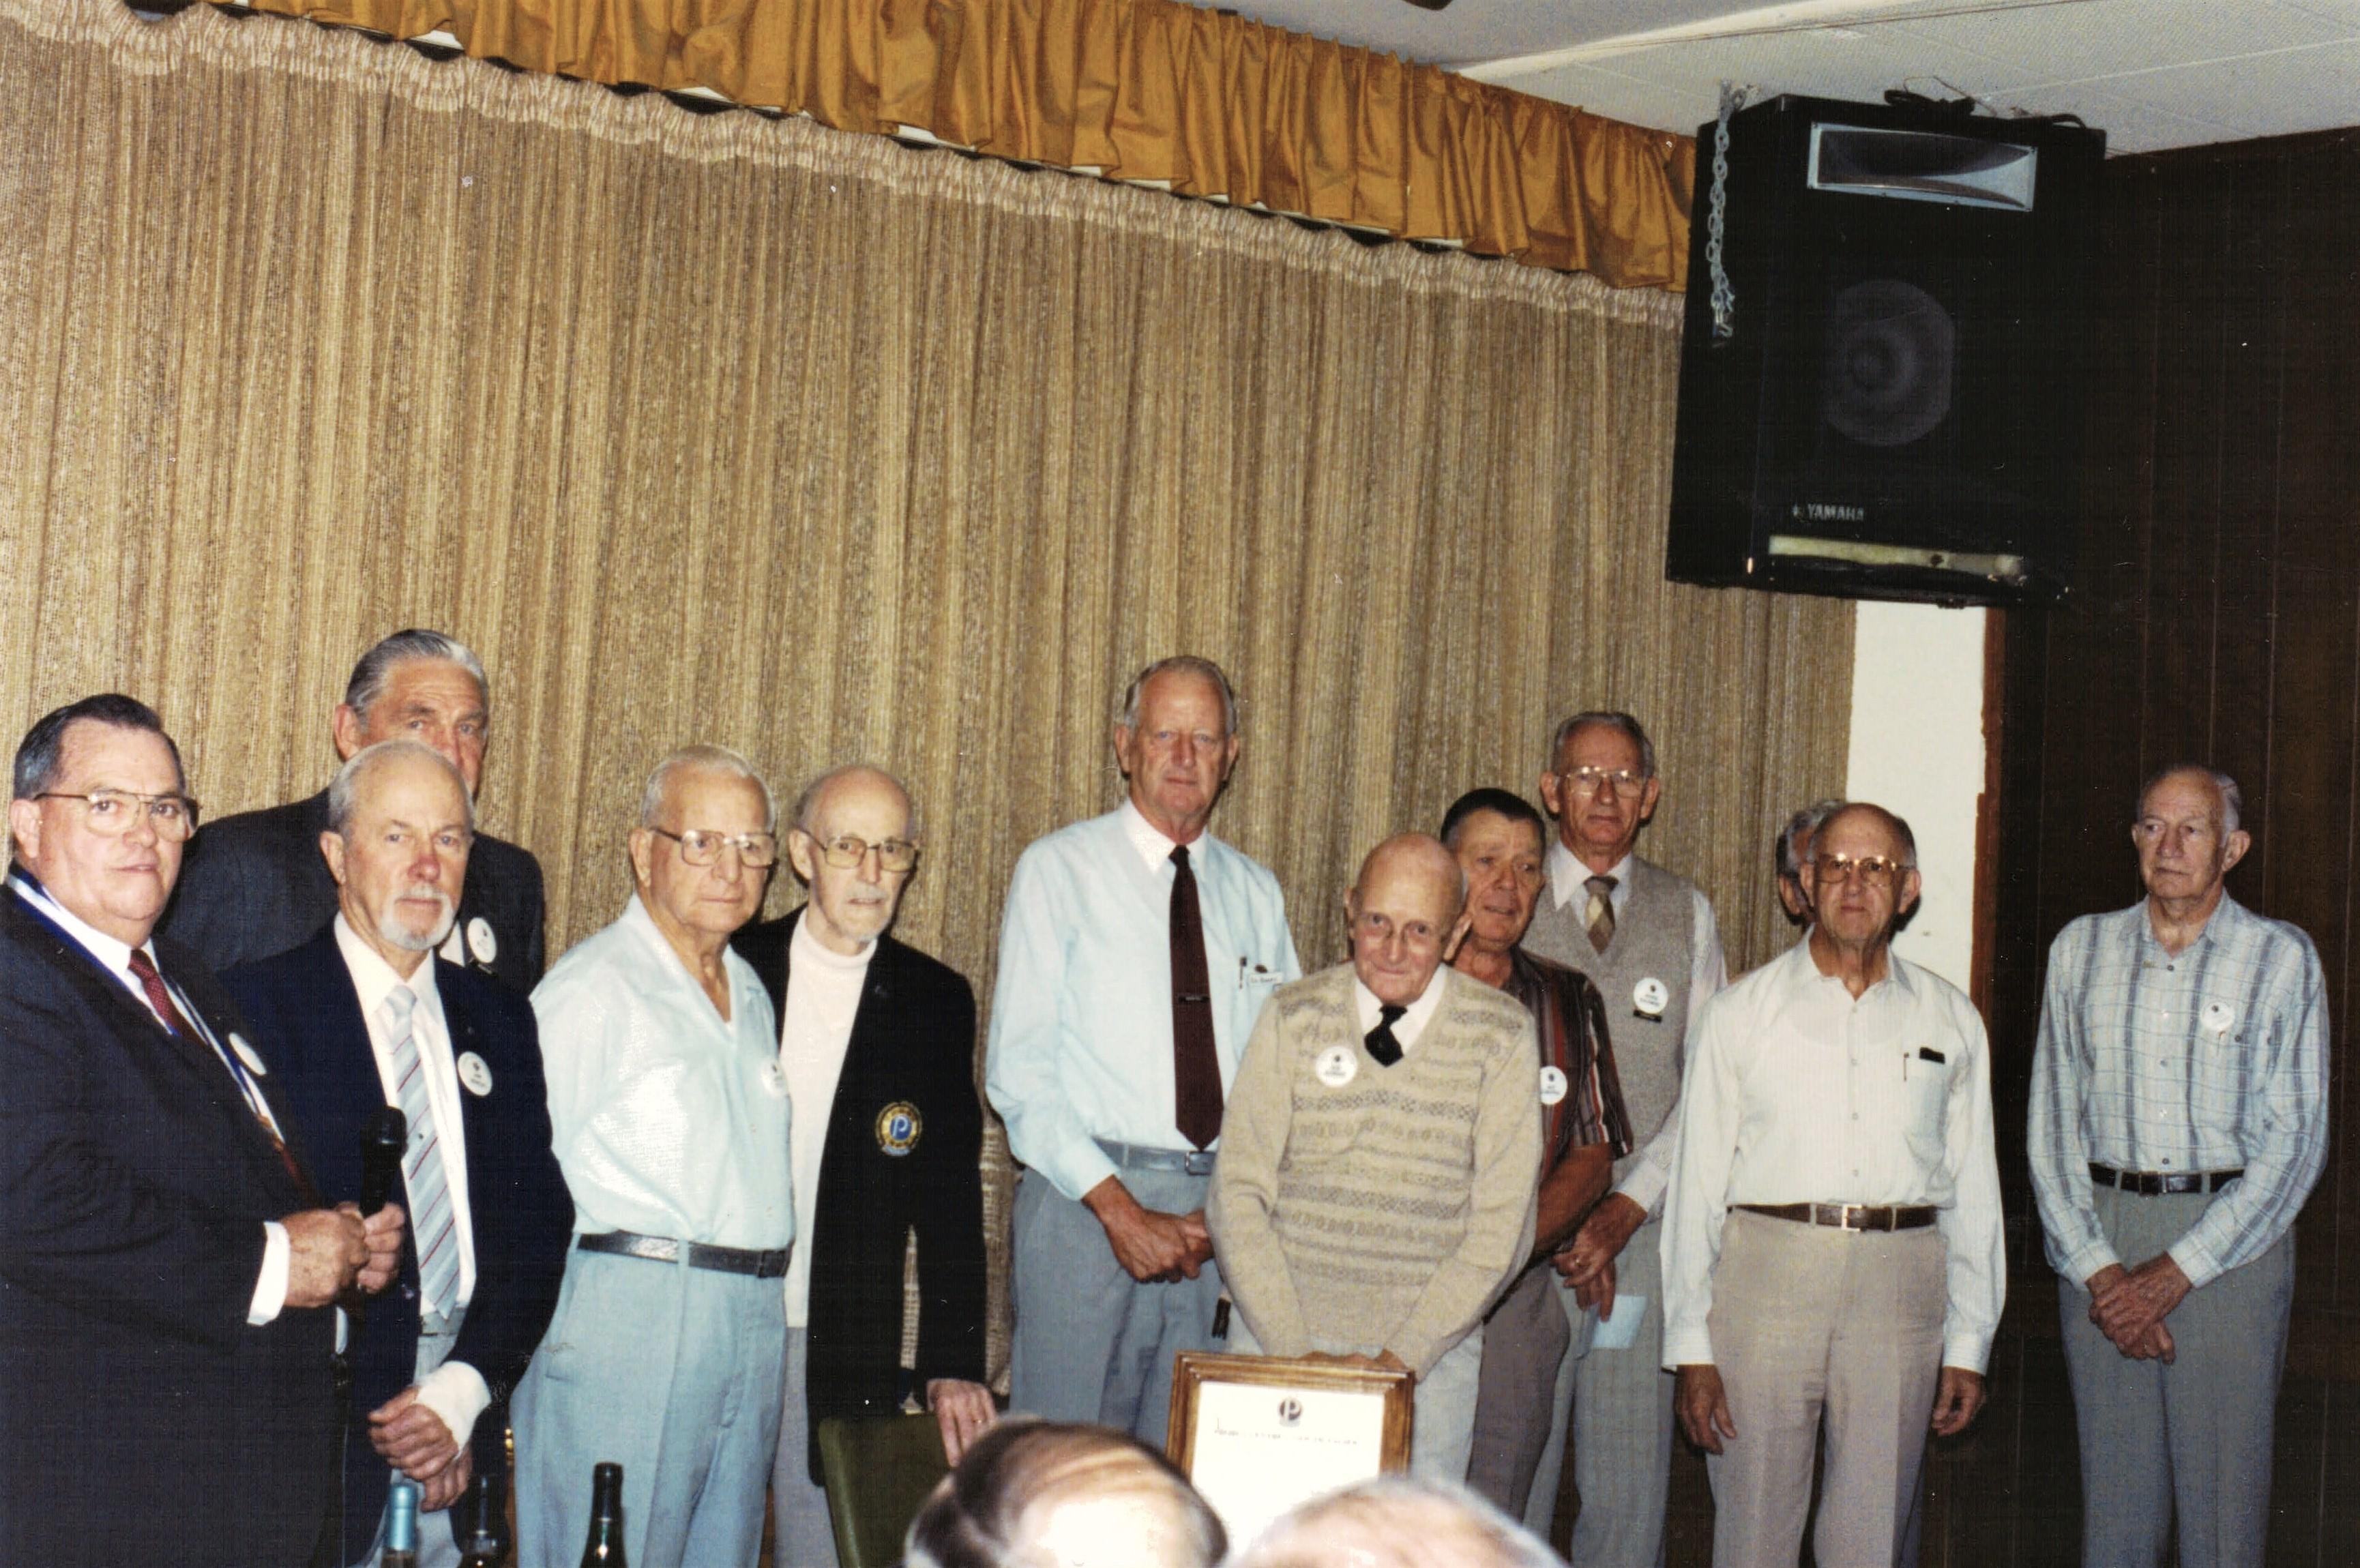 1990 Meetings Executive Committee